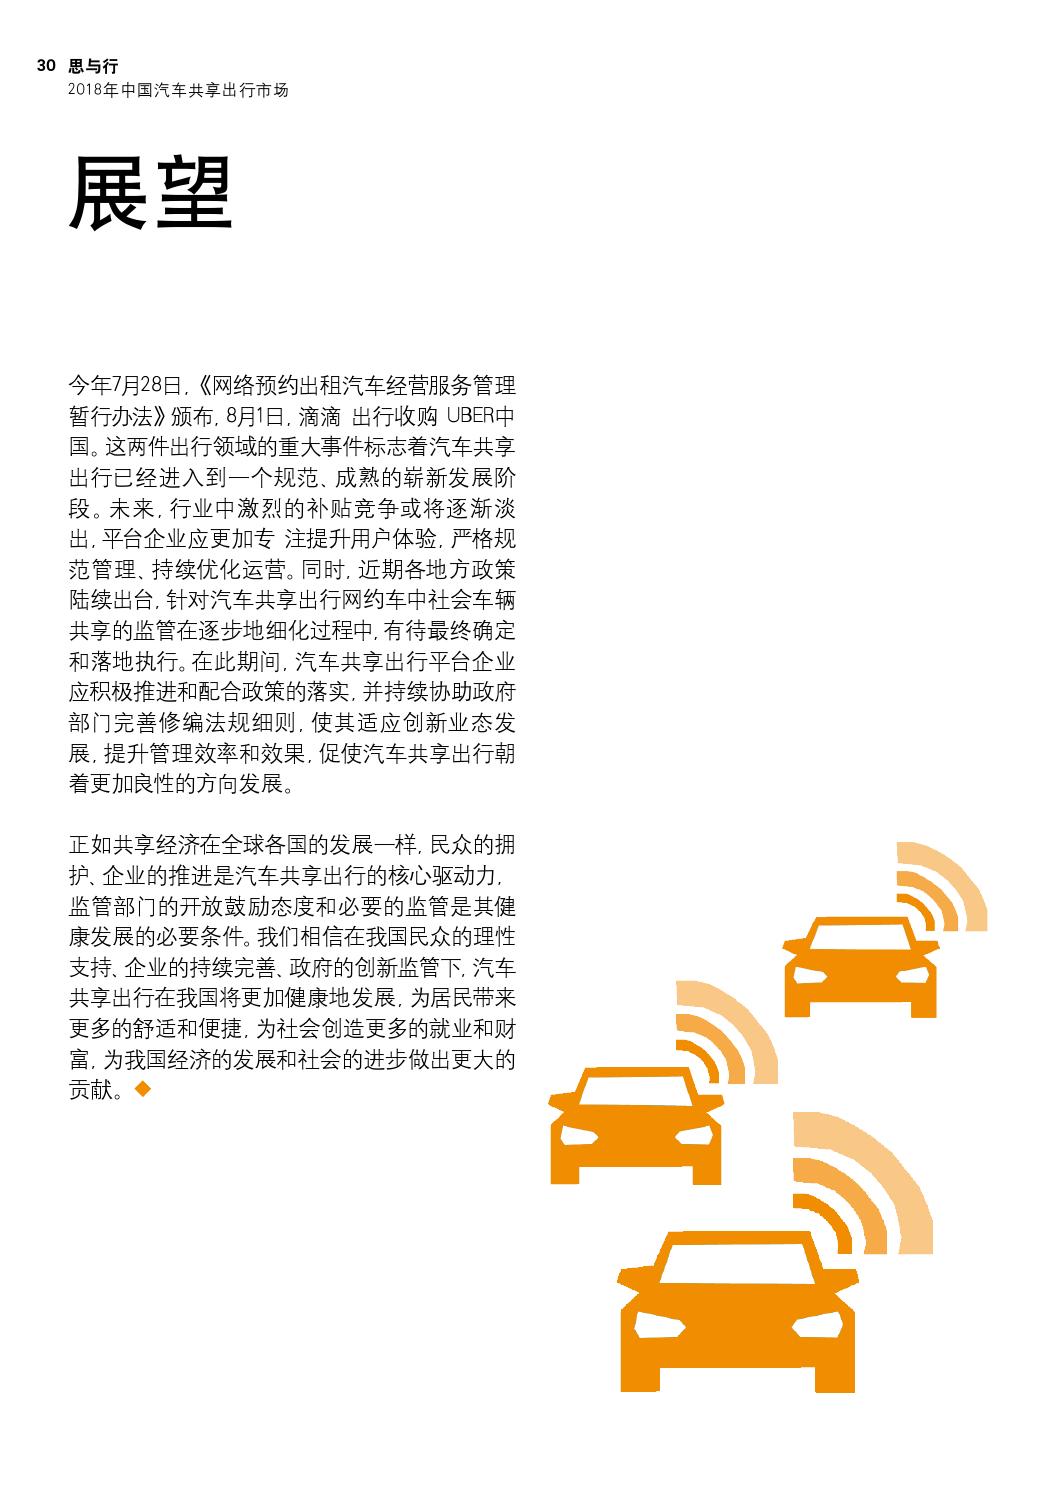 2018年中国汽车共享出行市场分析预测报告_000030